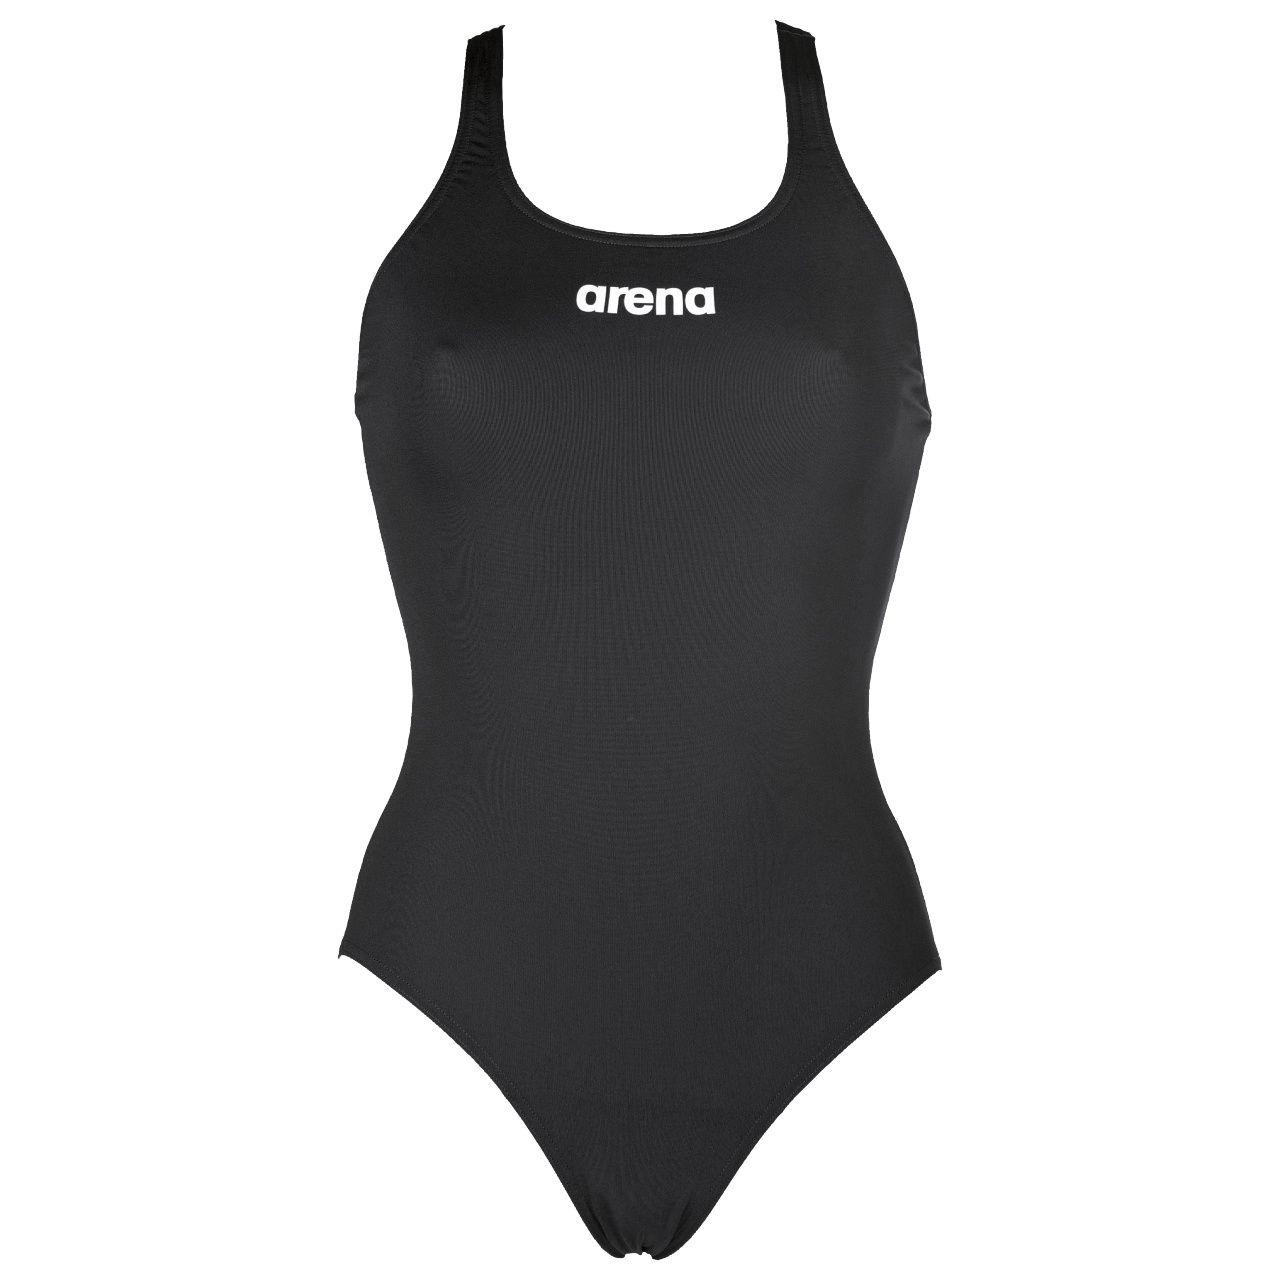 Traje de Baño Deportivo arena para Niña Solid Swim Pro con Forro_6027